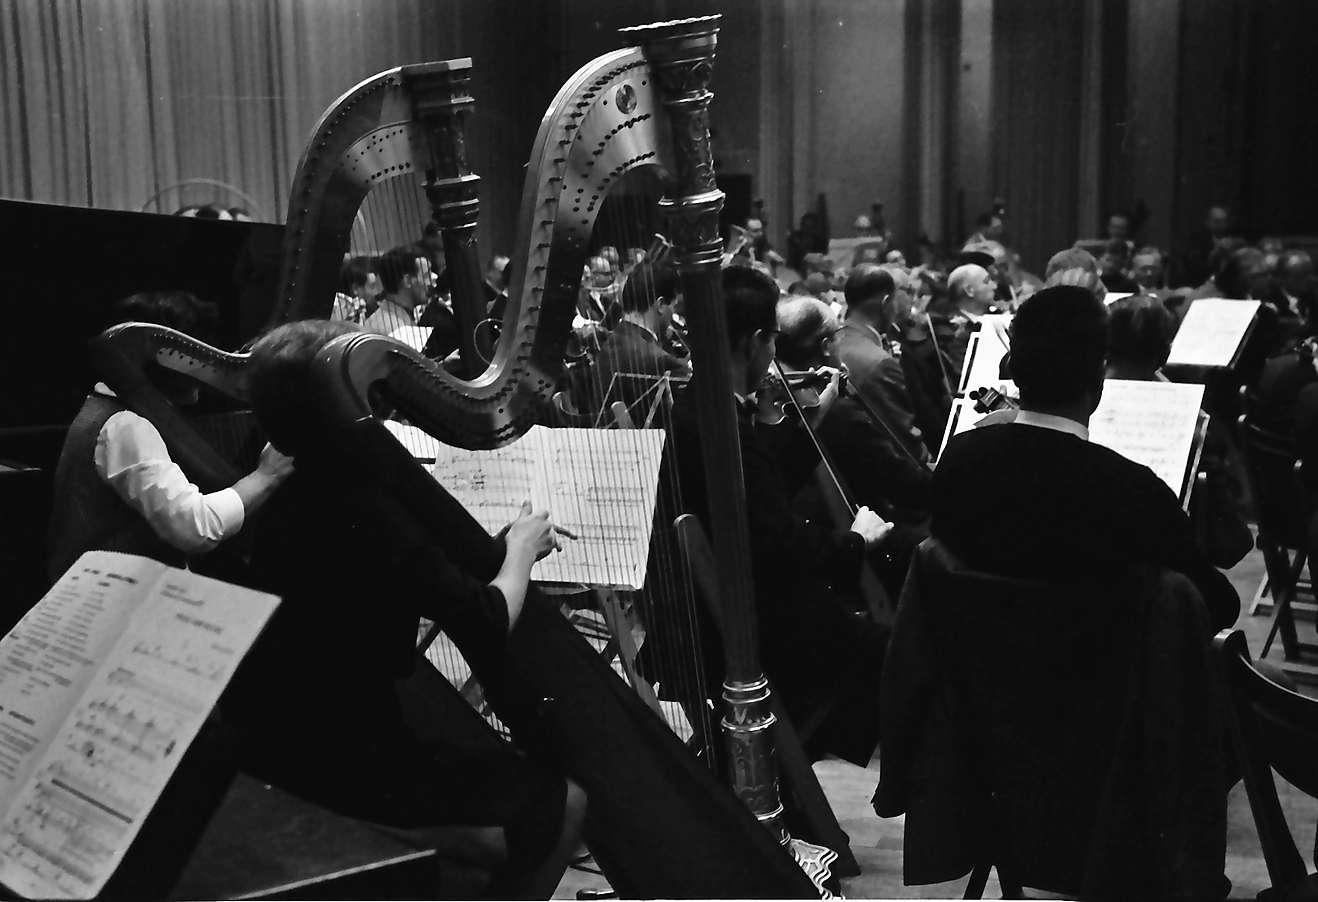 Donaueschingen: Donaueschinger Musiktage; Konzert: Kazimierz Serocki (Polen); Vordergrund Harfen, Bild 1